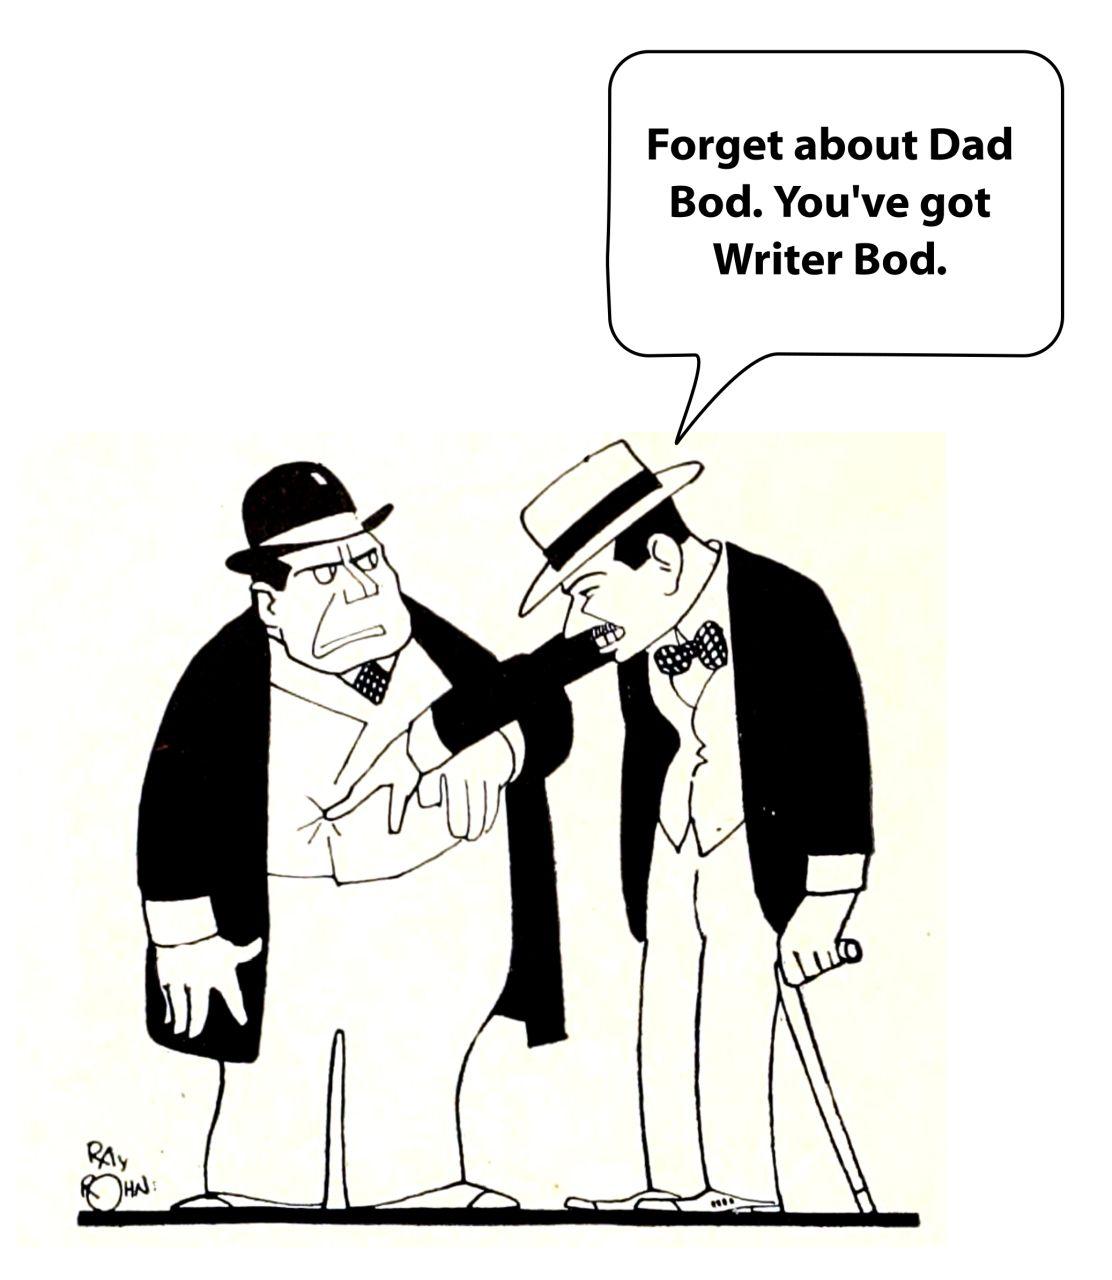 writer bod-crop-1112w